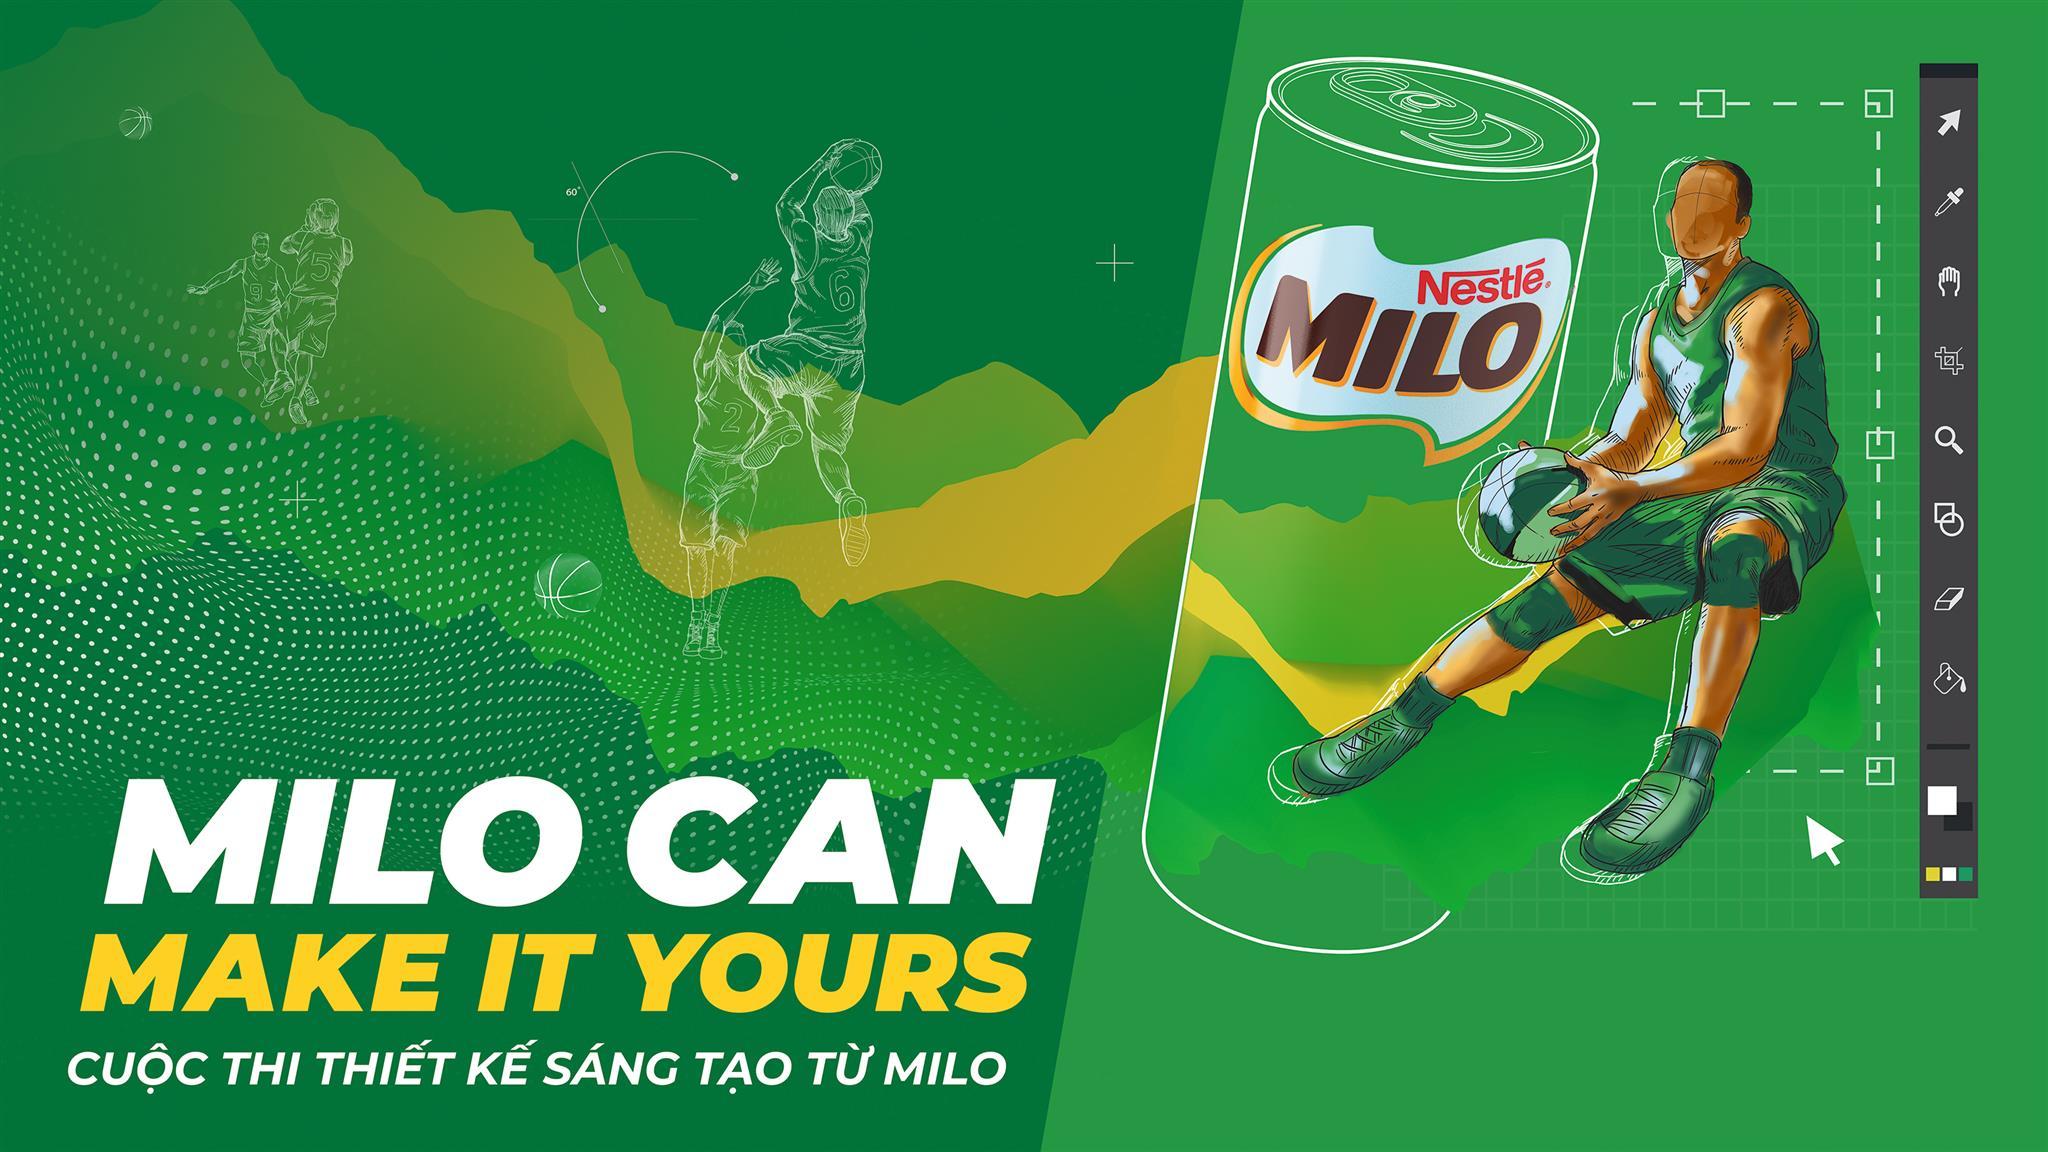 """Top 12 cuộc thi """"Milo Can Make It Yours"""" đã lộ diện: Toàn những gương mặt cá tính, tài cao! - Ảnh 19."""